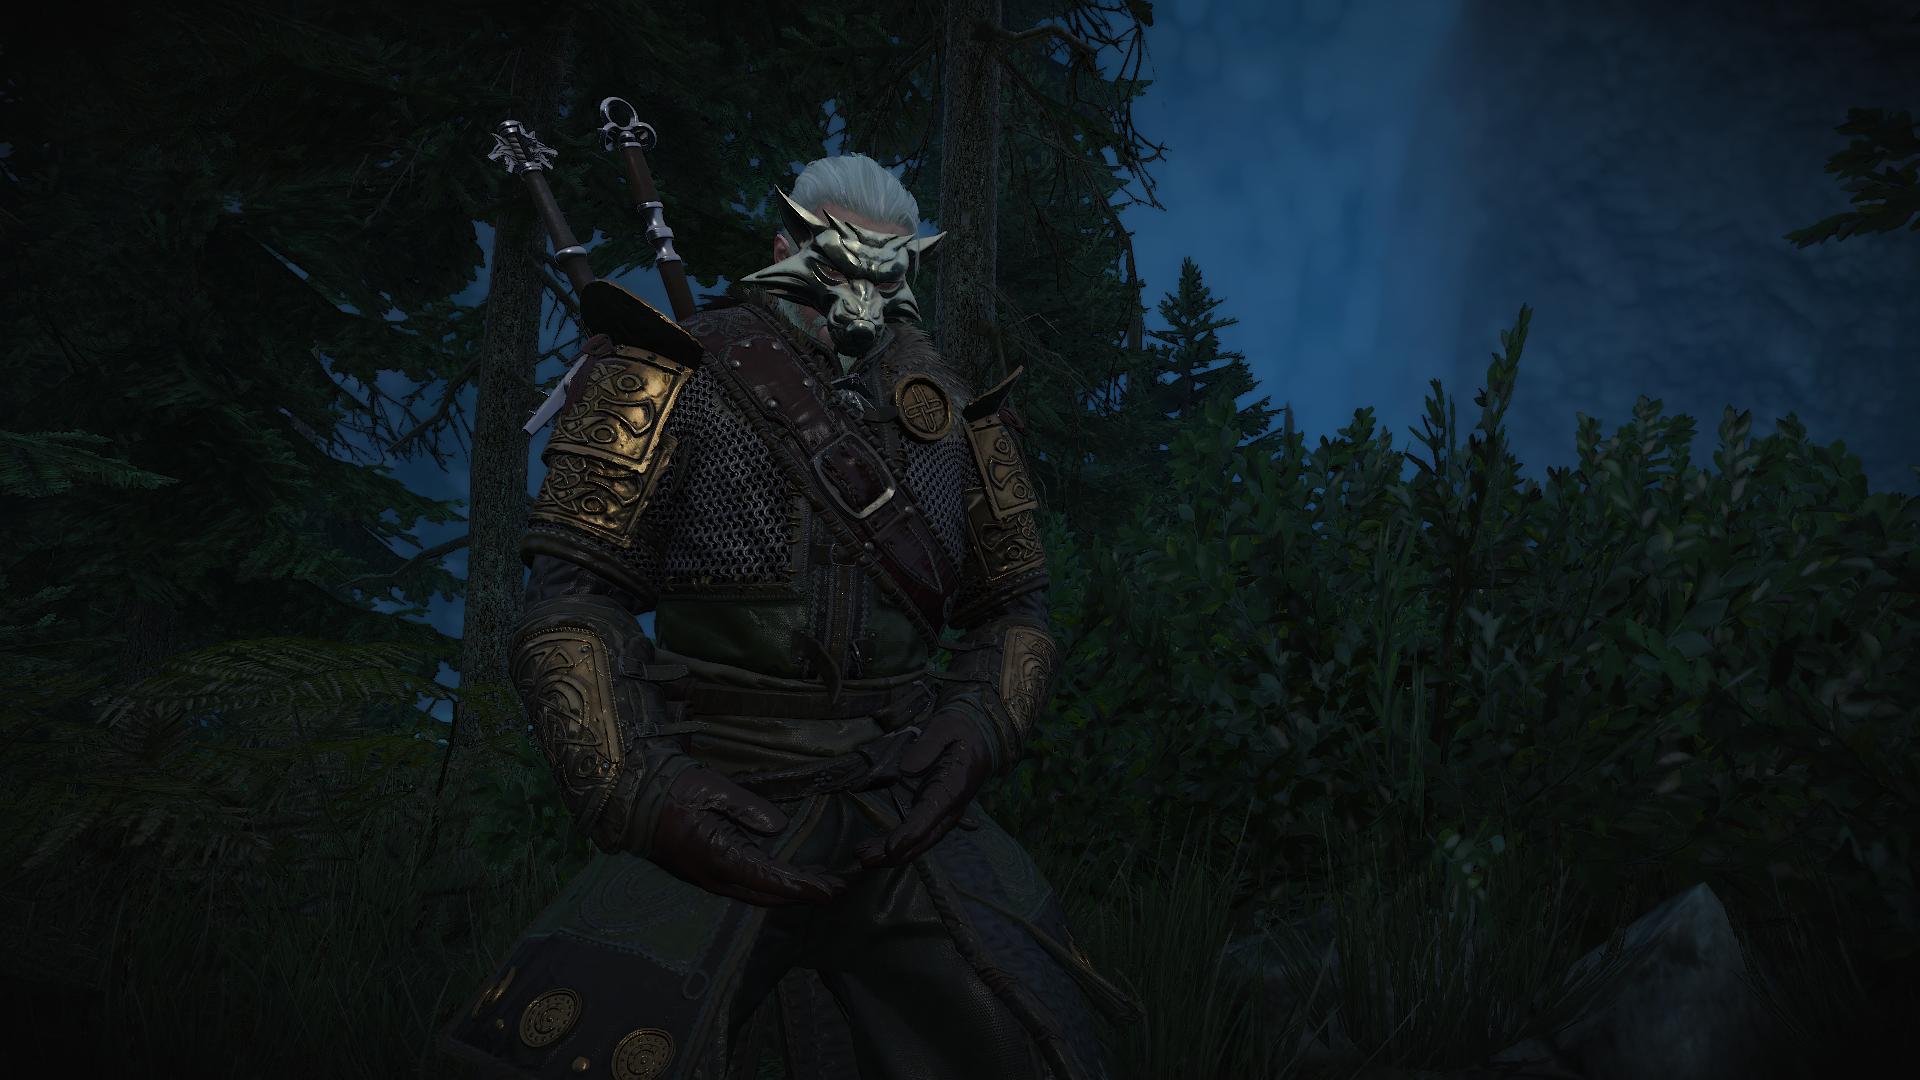 Геральт медитирует - Witcher 3: Wild Hunt, the